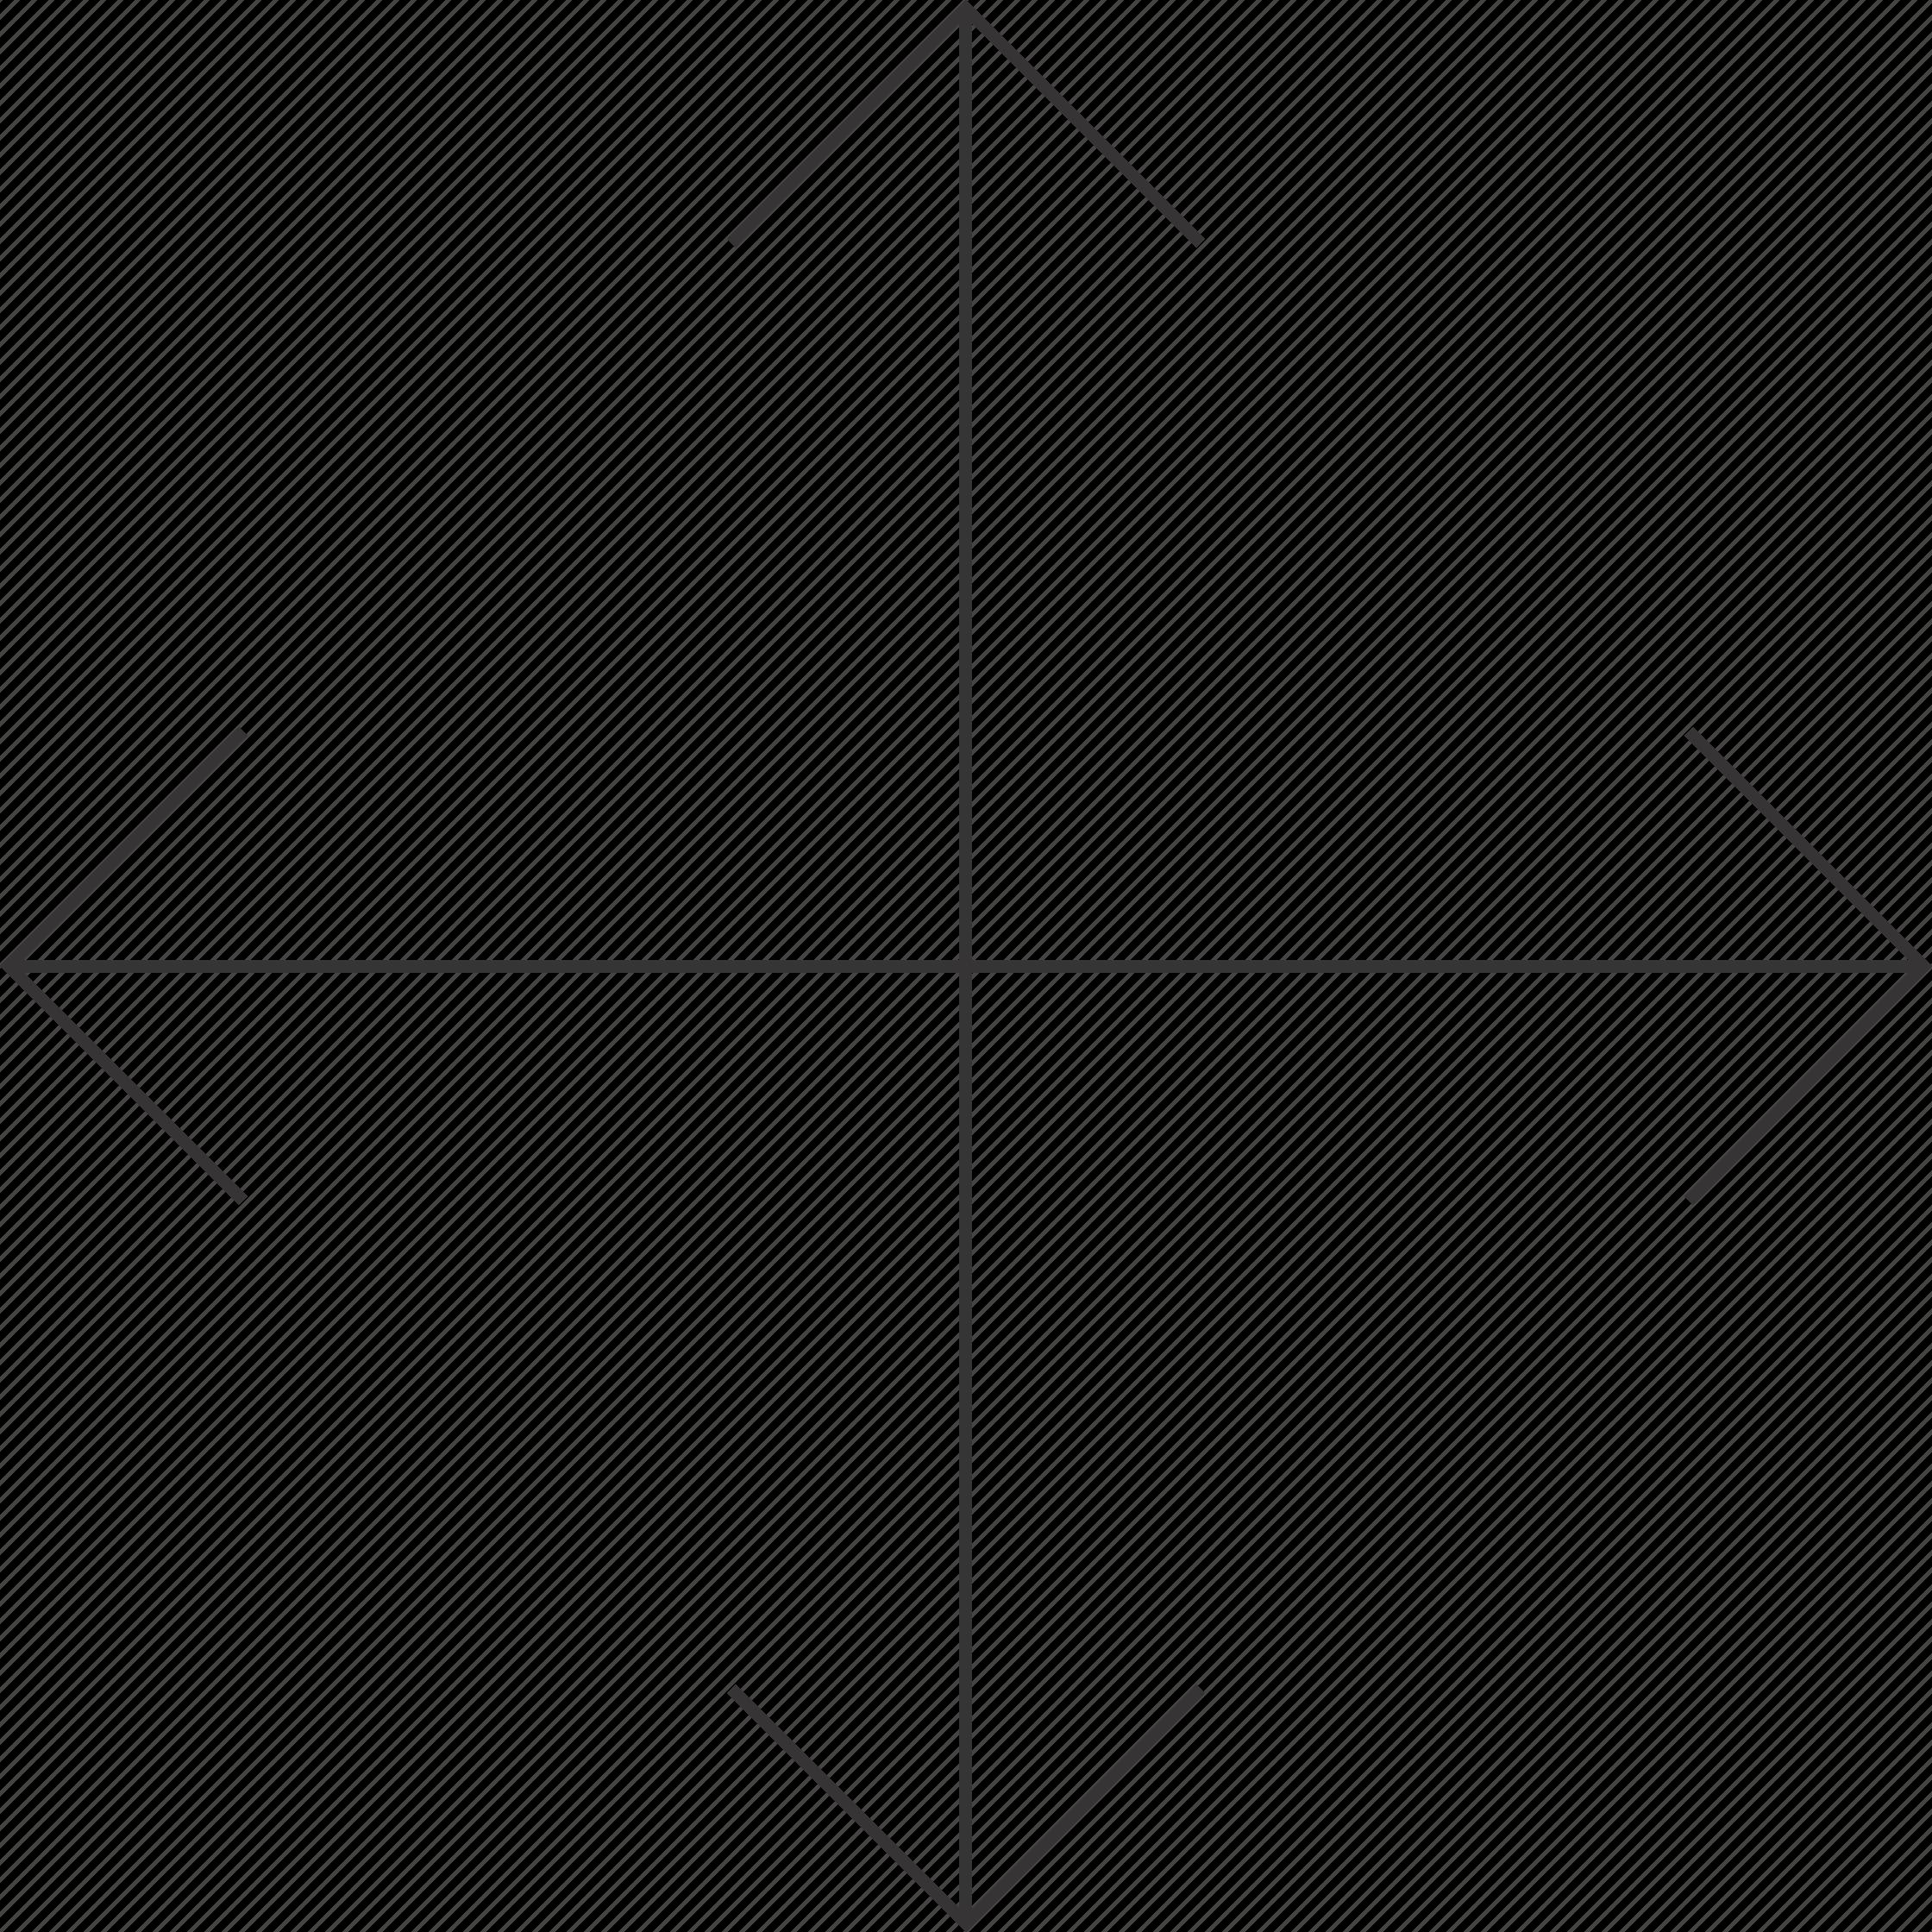 arrows, drag, drop, move icon